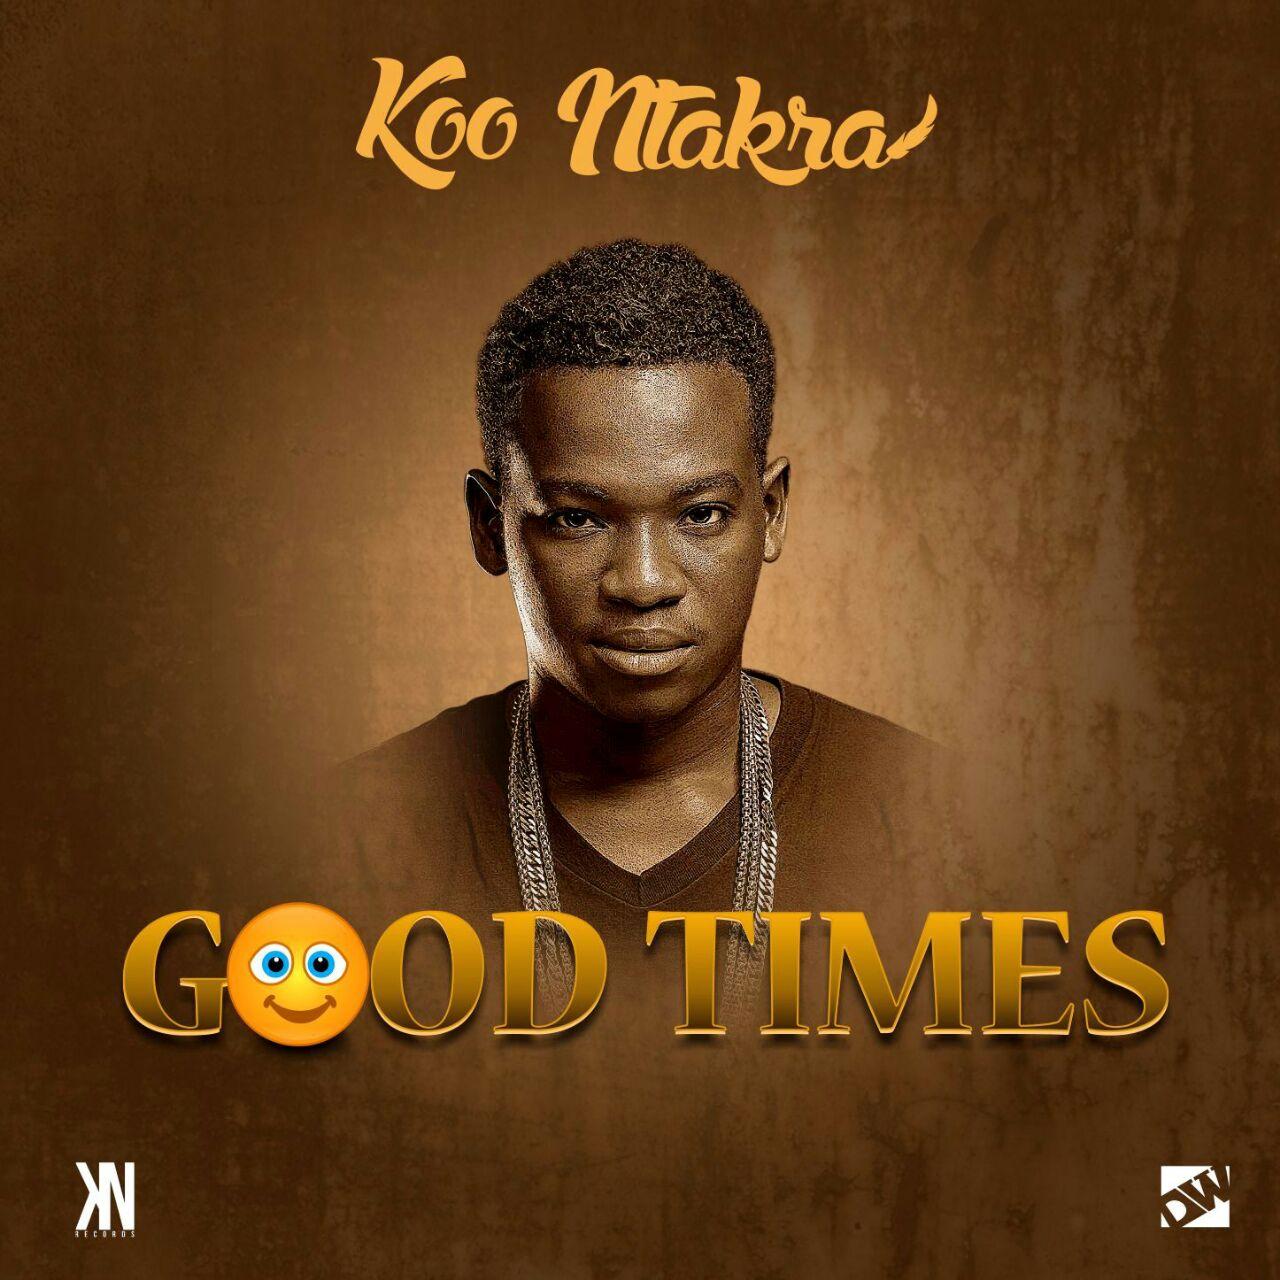 Koo Ntakra good times